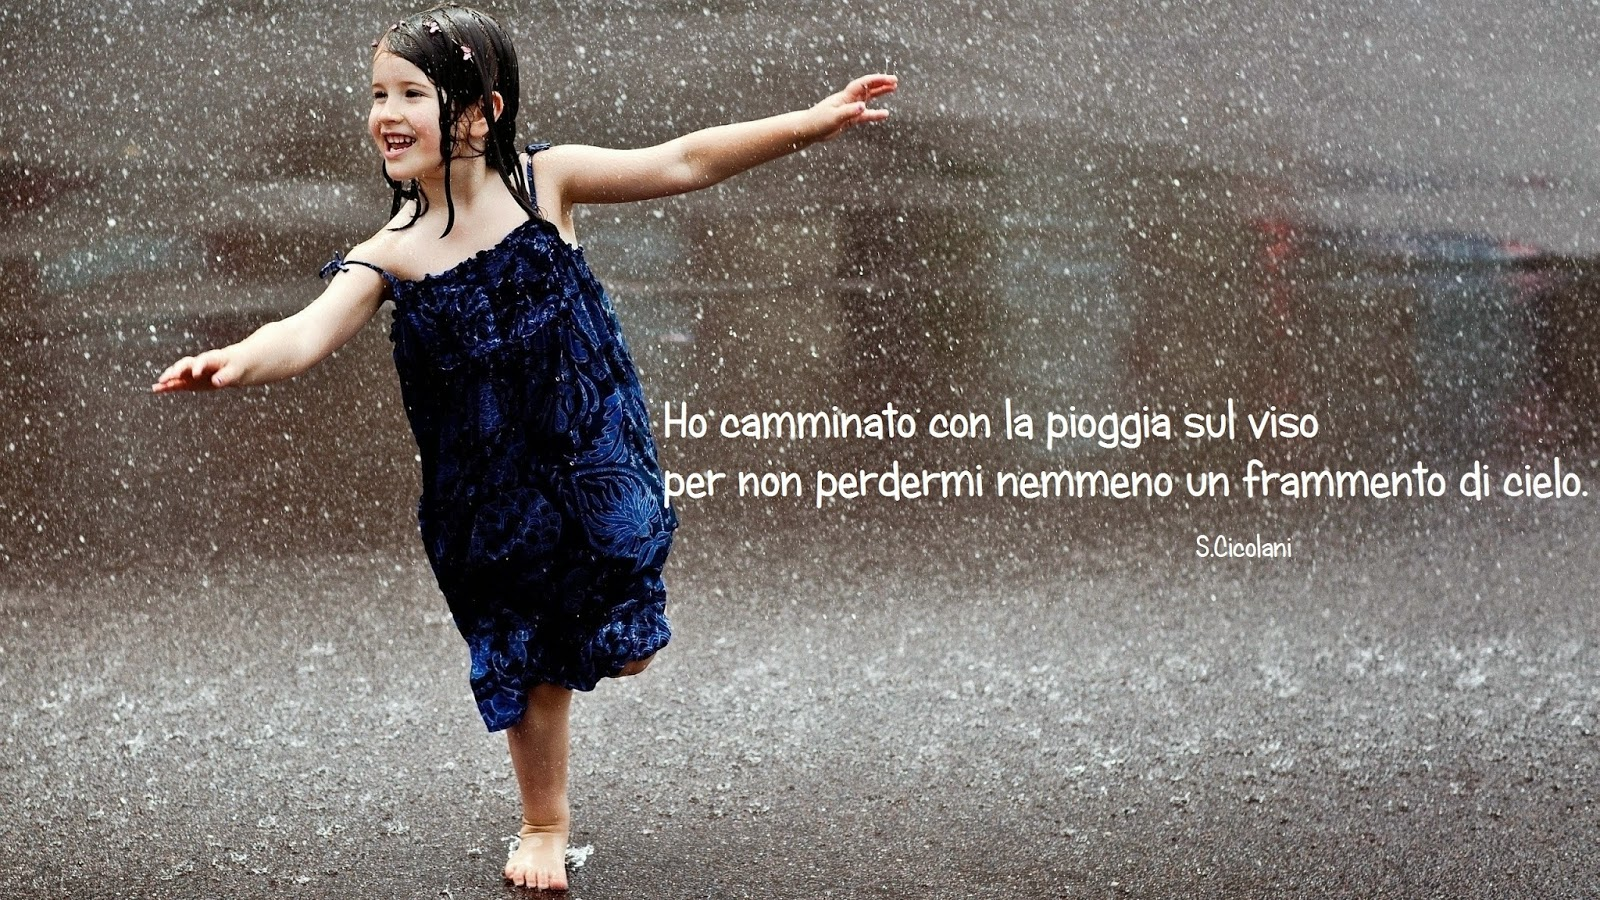 Famoso Scrivo la vita che respiro: Ho camminato con la pioggia sul viso DM28